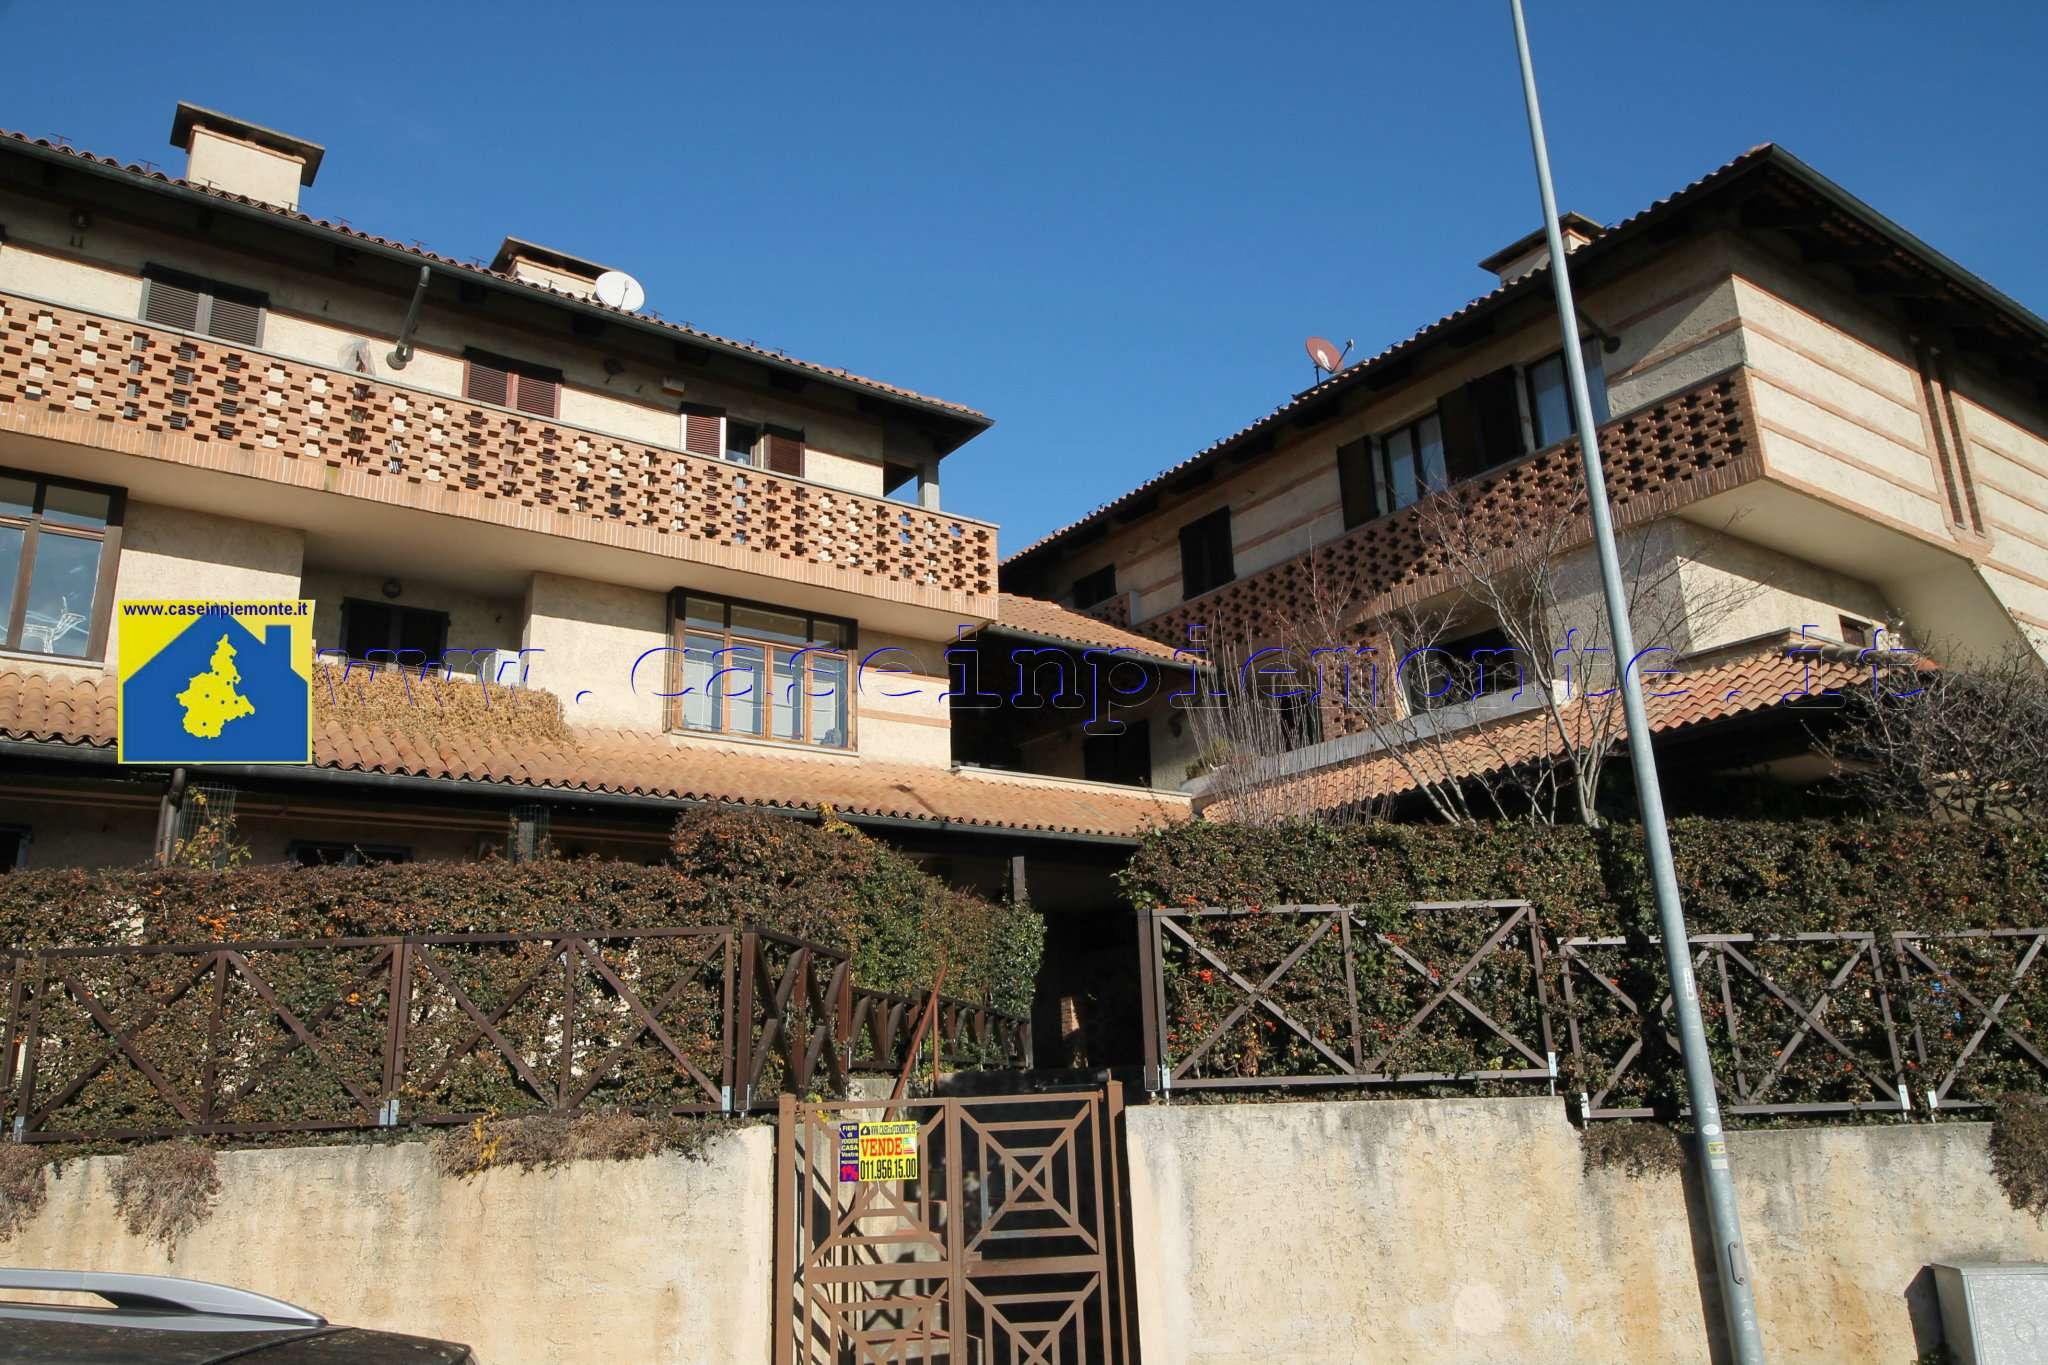 Appartamento in vendita a Rivoli, 6 locali, prezzo € 275.000 | CambioCasa.it